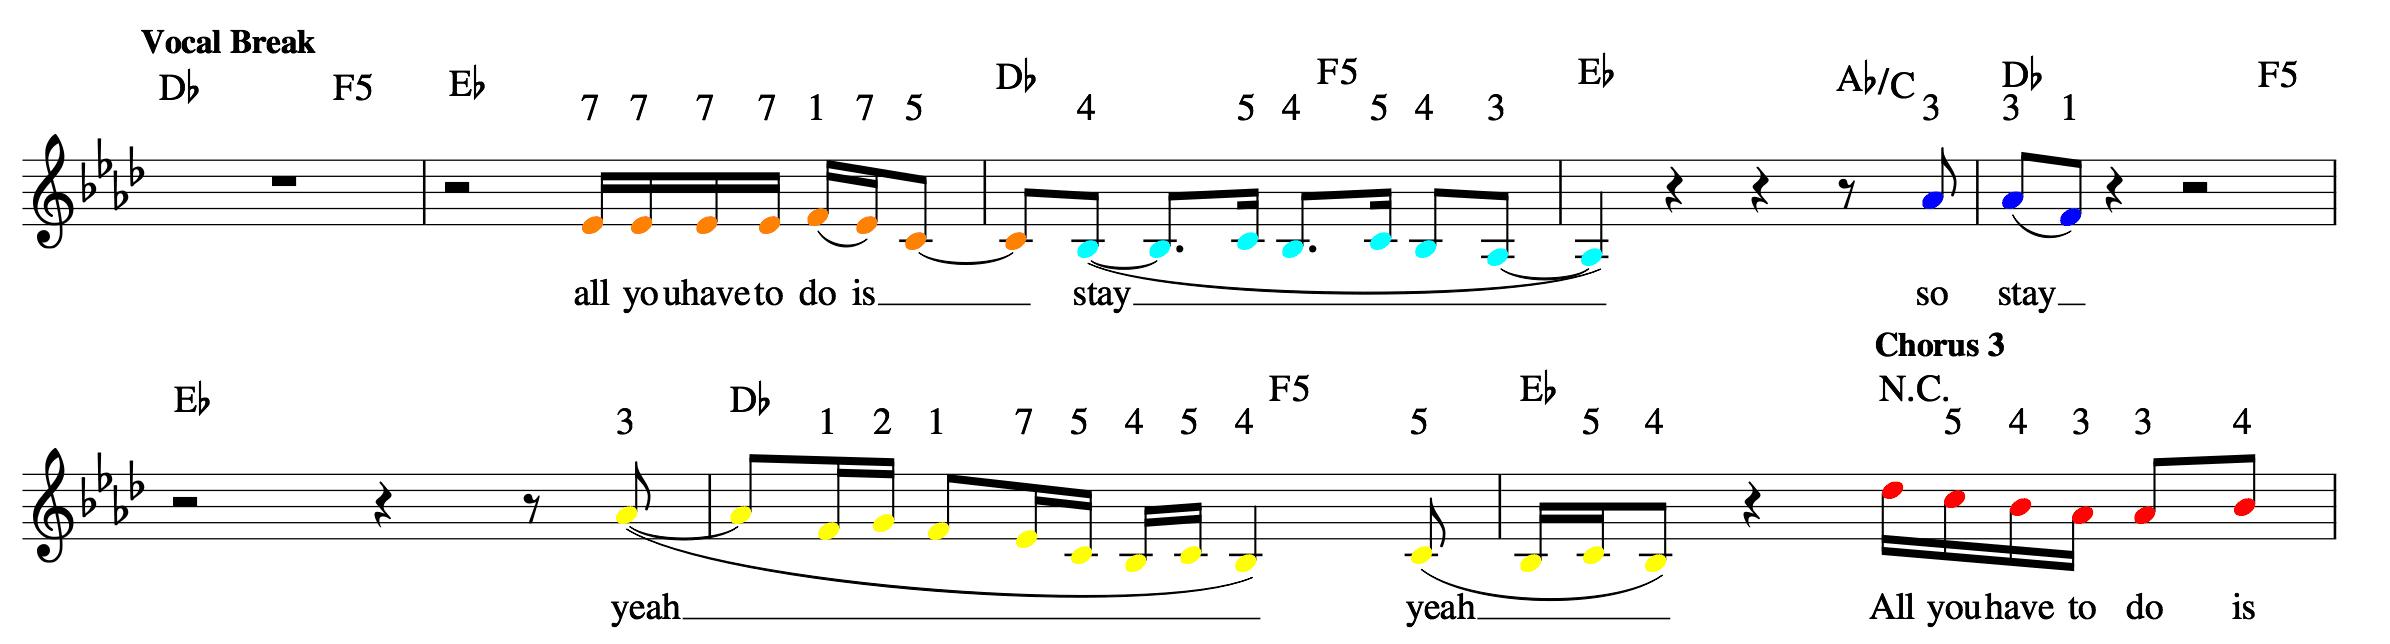 Vocal Brk